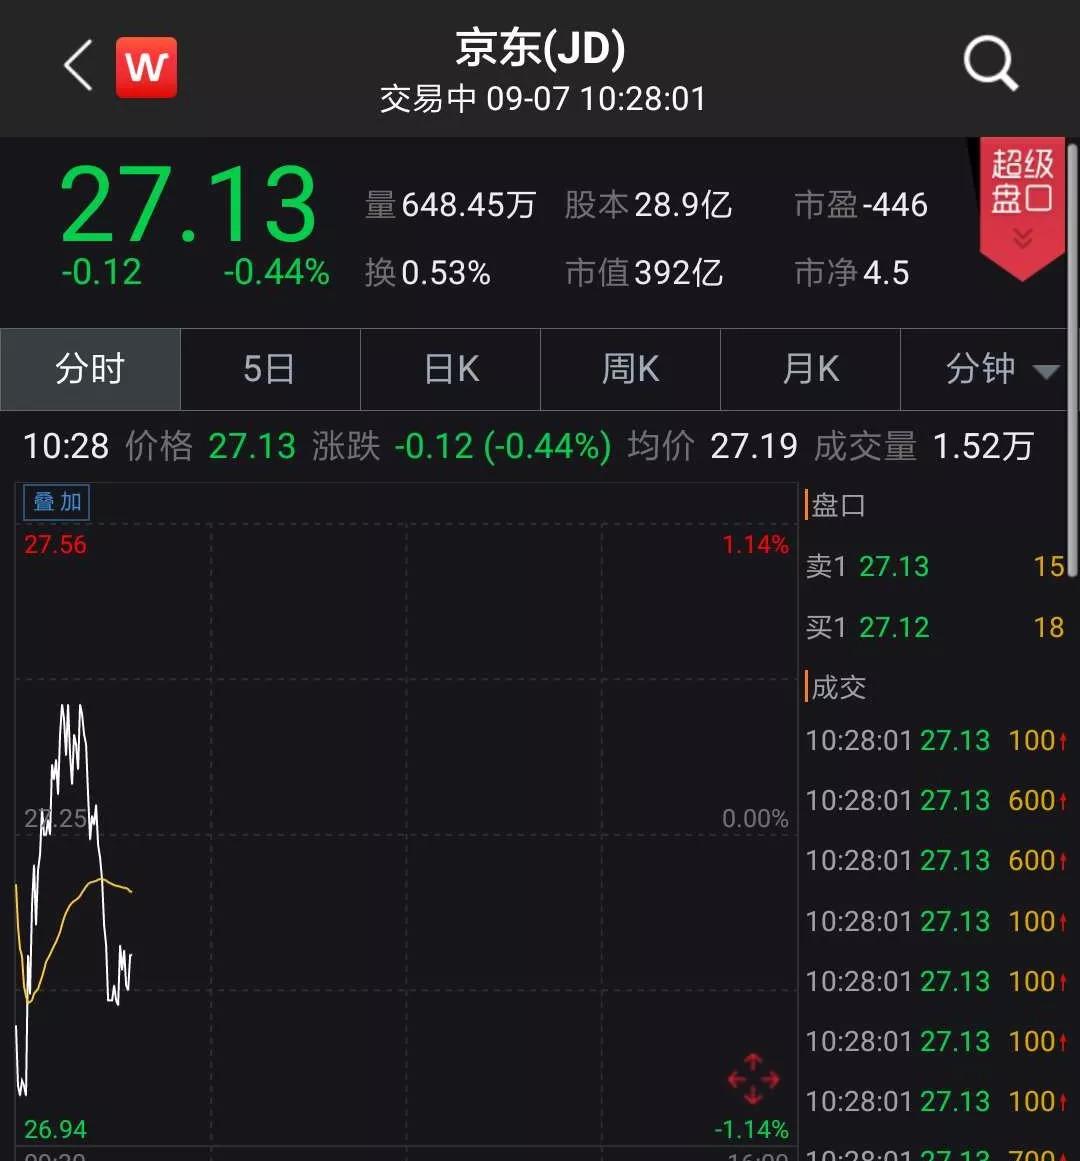 京东4问4答性侵案:刘强东将继续领导公司